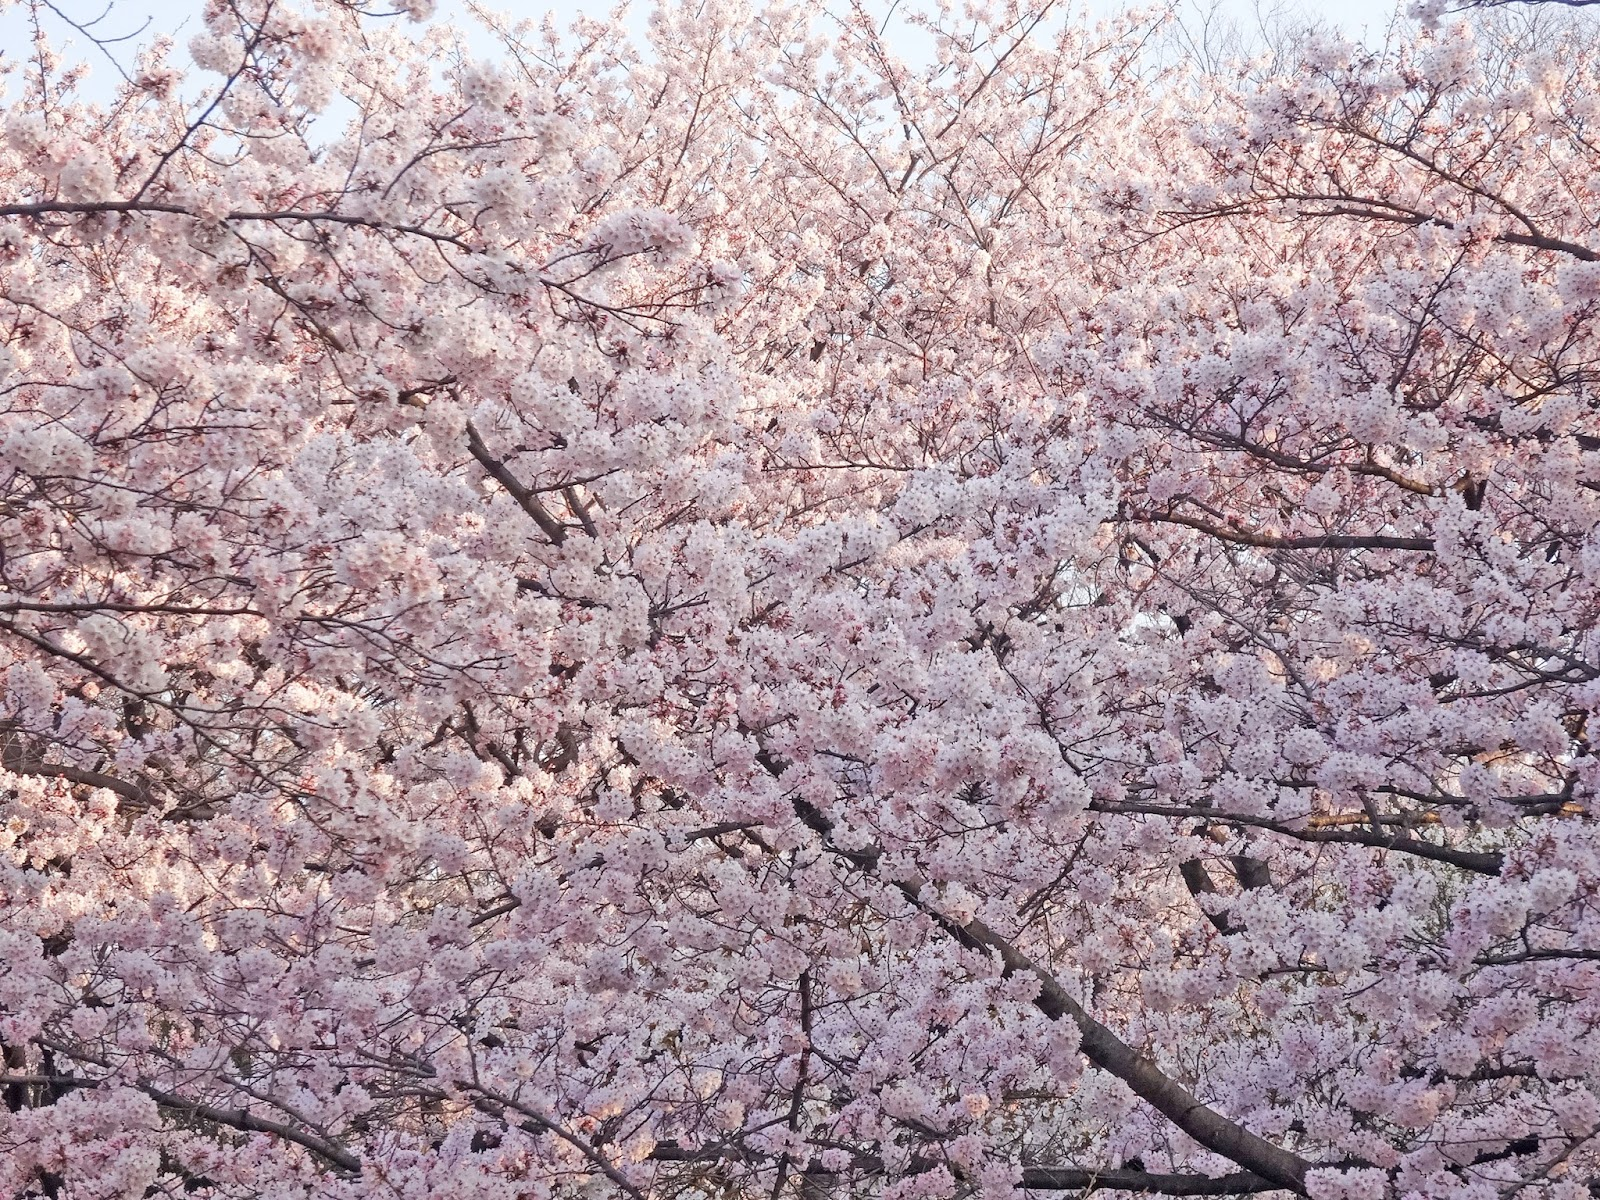 代々木公園,桜,〈著作権フリー画像〉Free Stock Photos